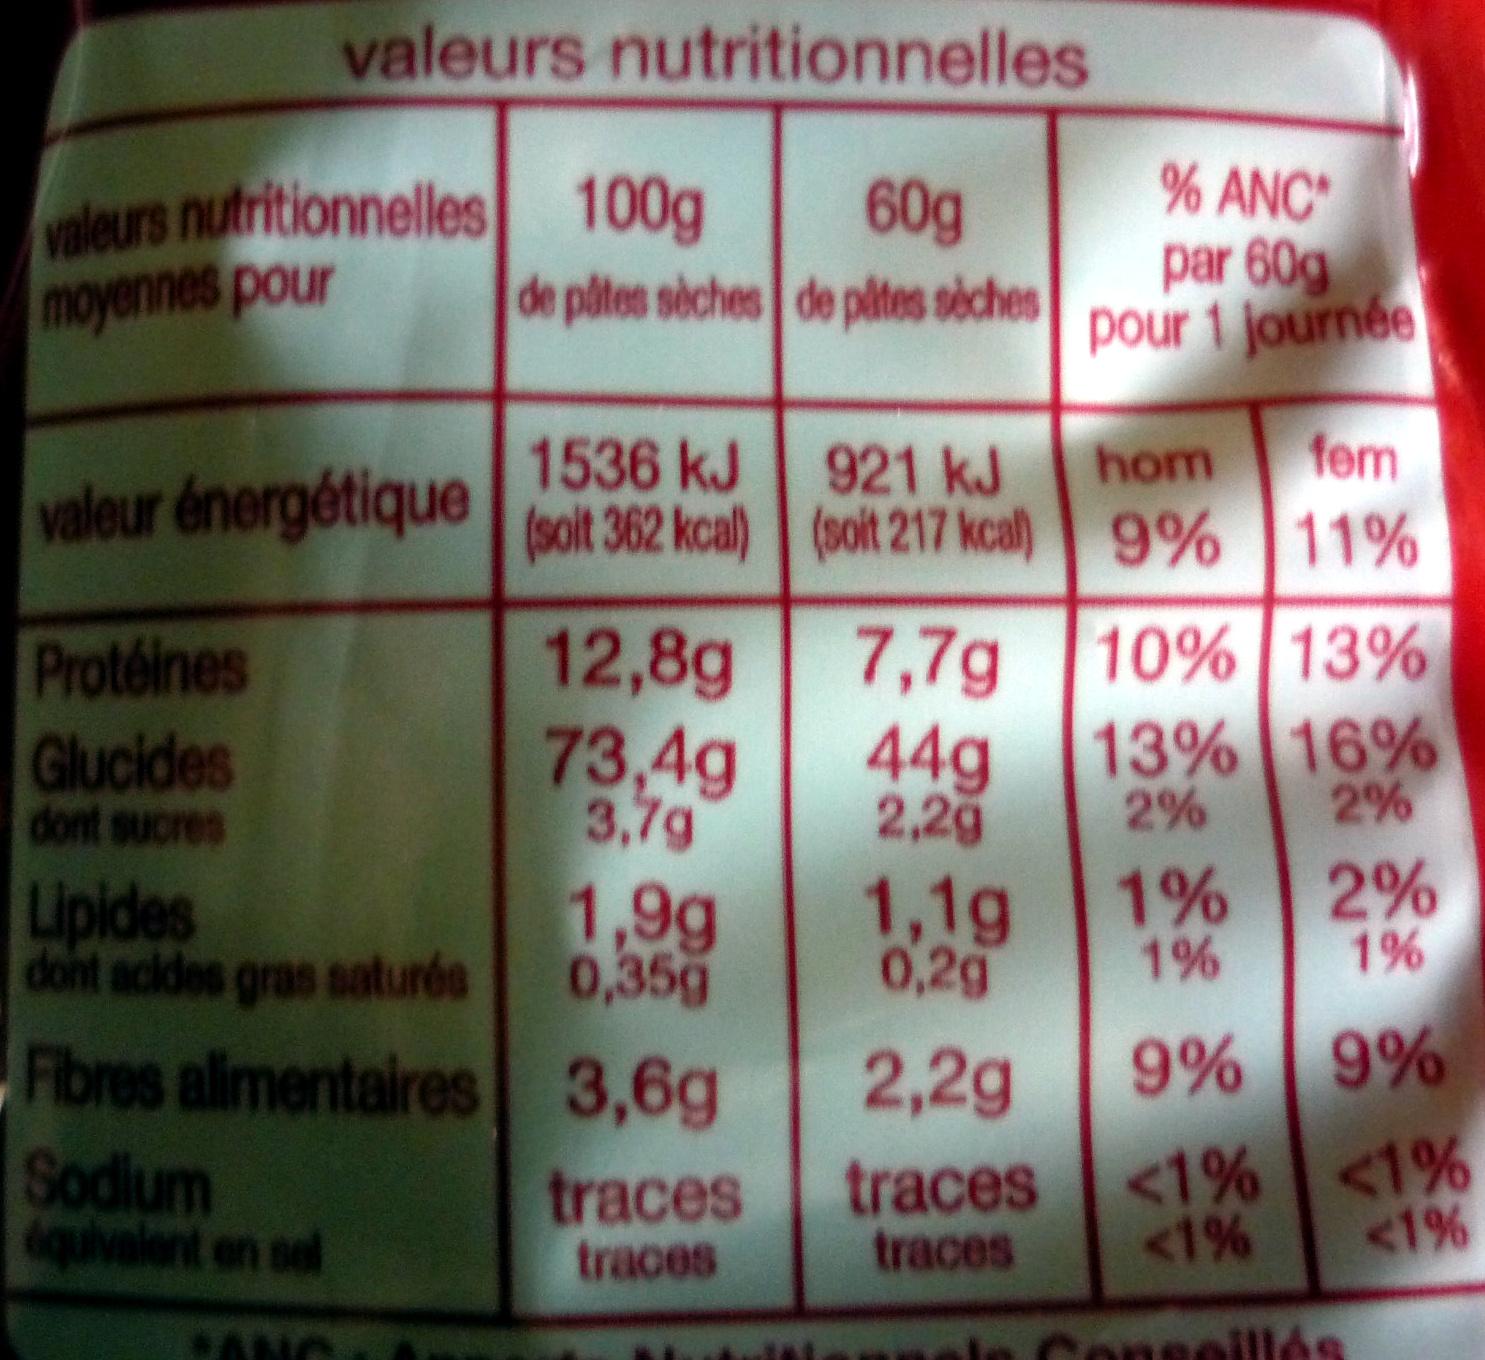 Pâtes macaroni de qualité supérieure - Informations nutritionnelles - fr